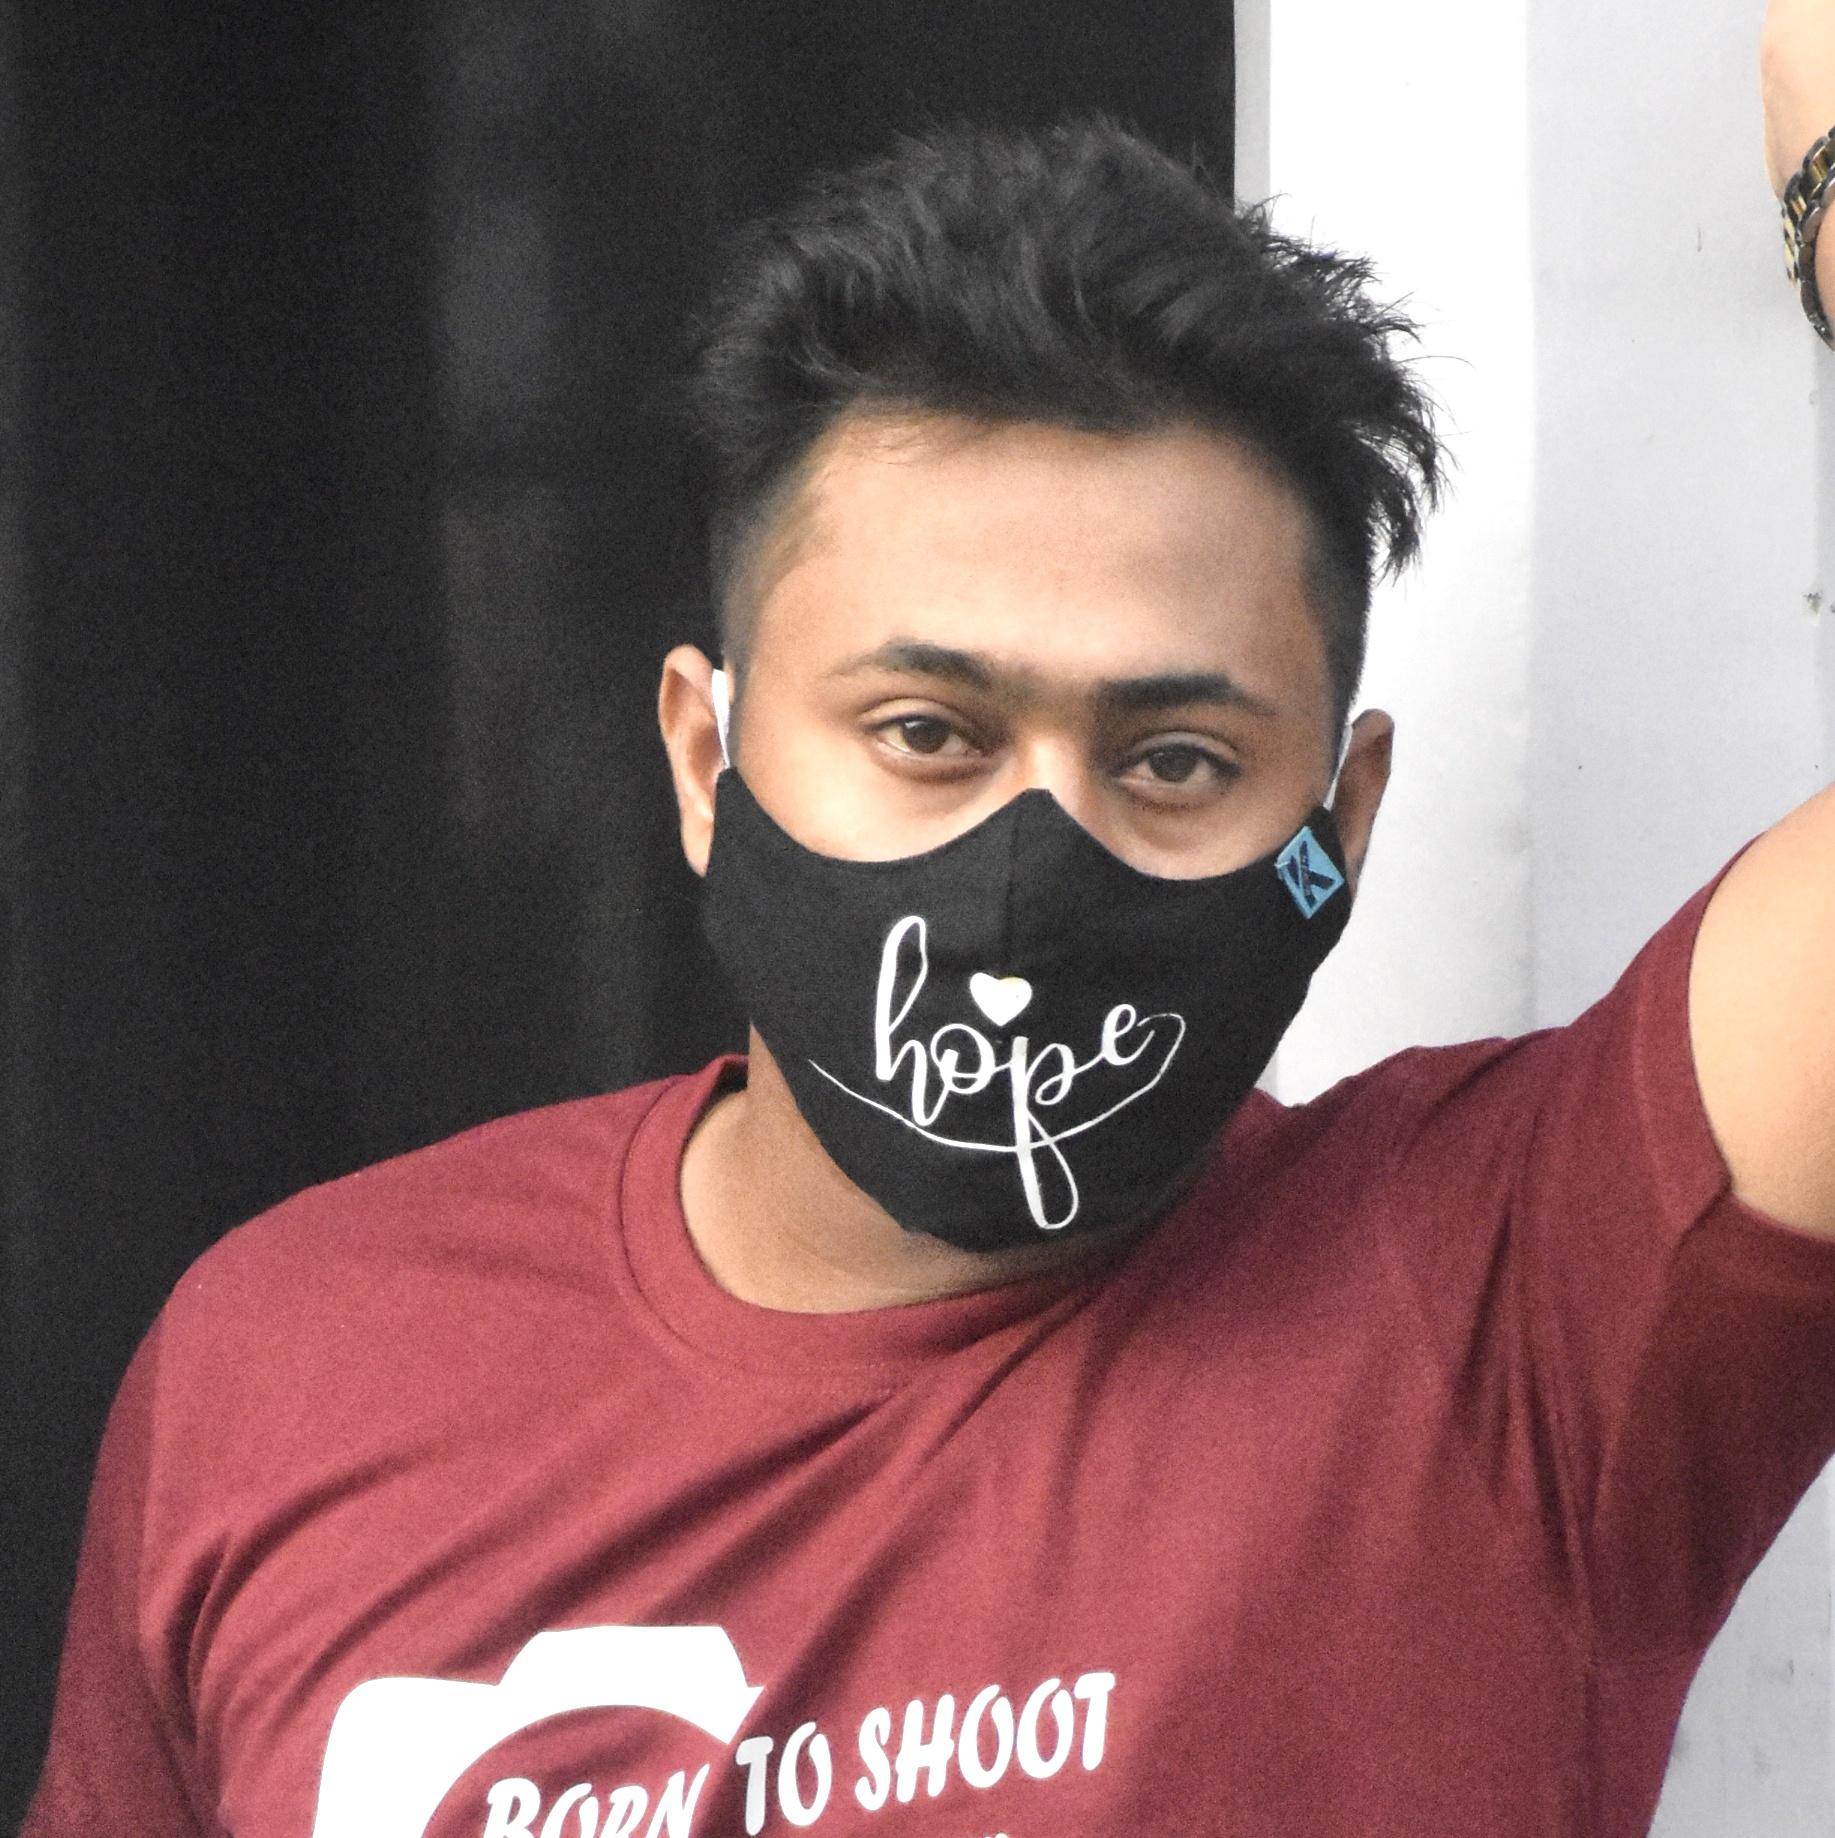 Hope Mask, Slogan Mask at reasonable price